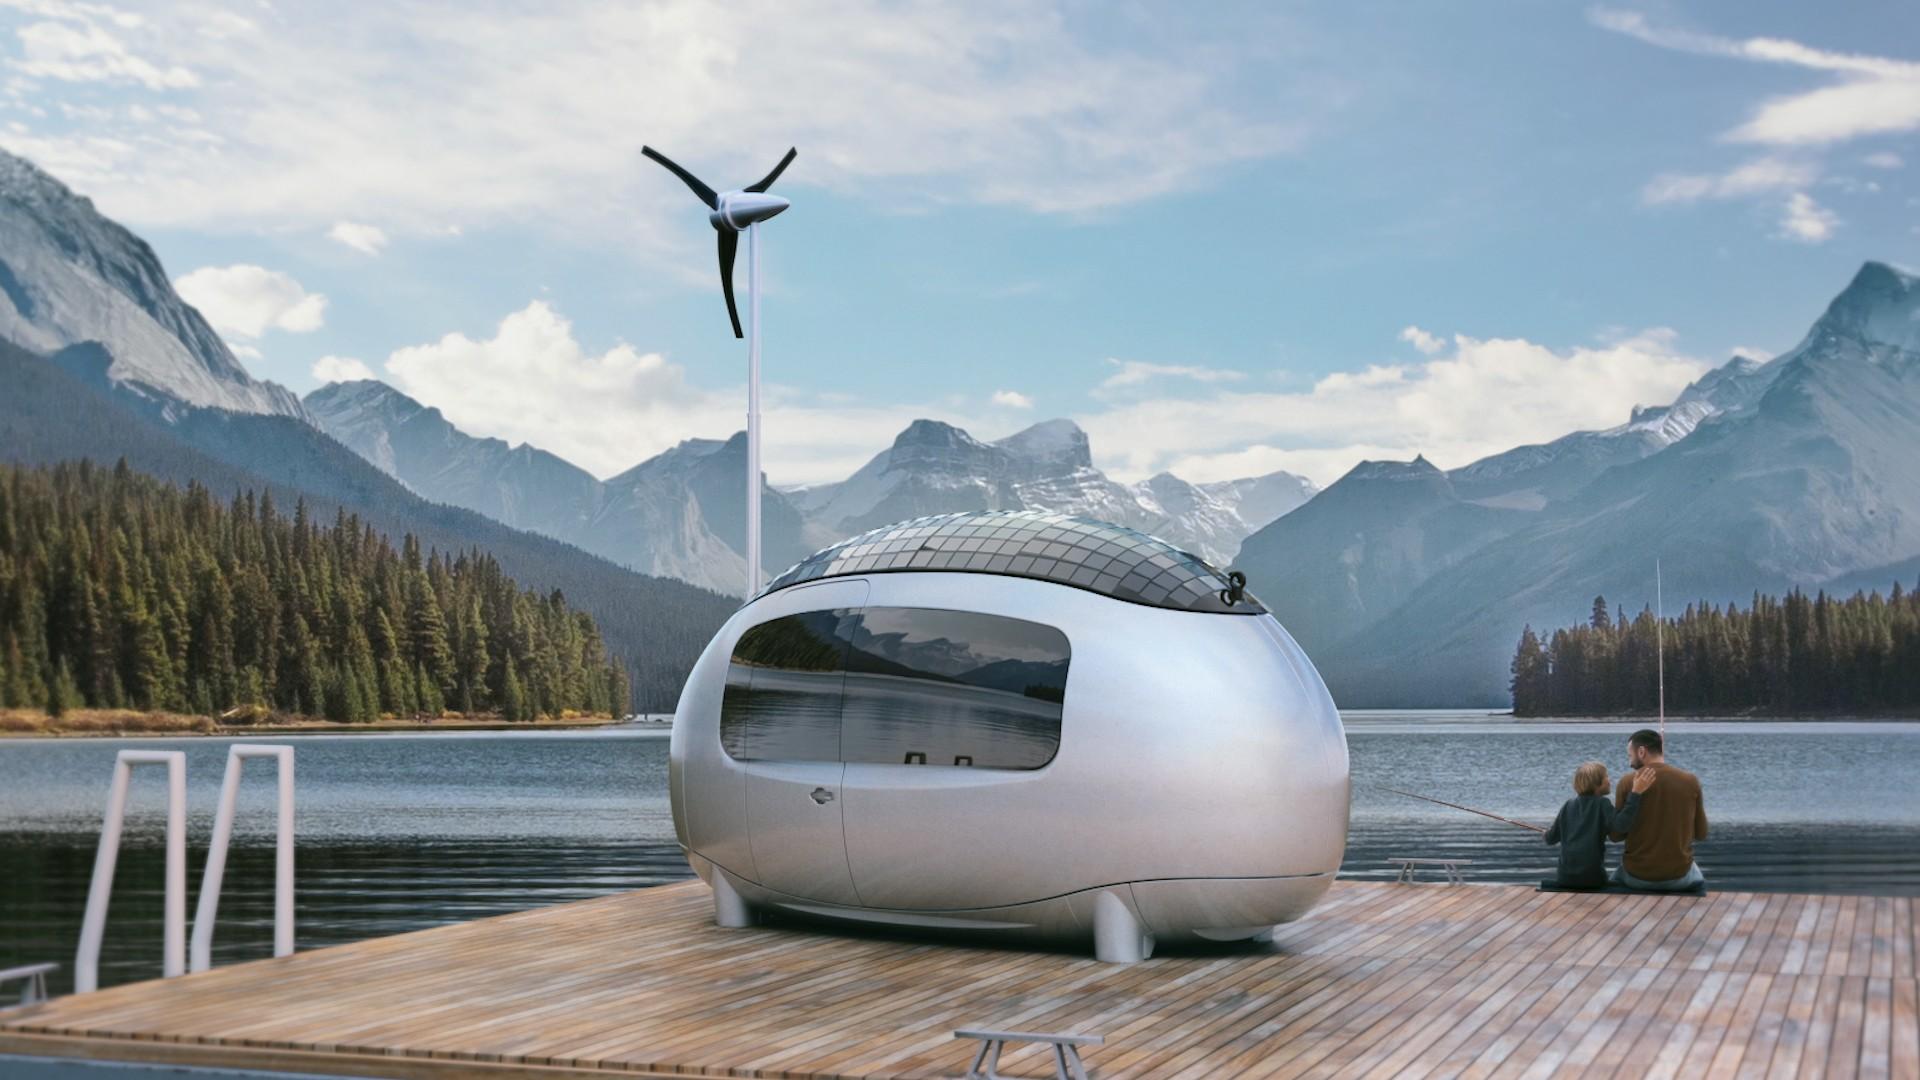 Das Ecocapsule Original mit Windrad und Bad kostet mindestens 80.000 Euro. (Foto: Ecocapsule)